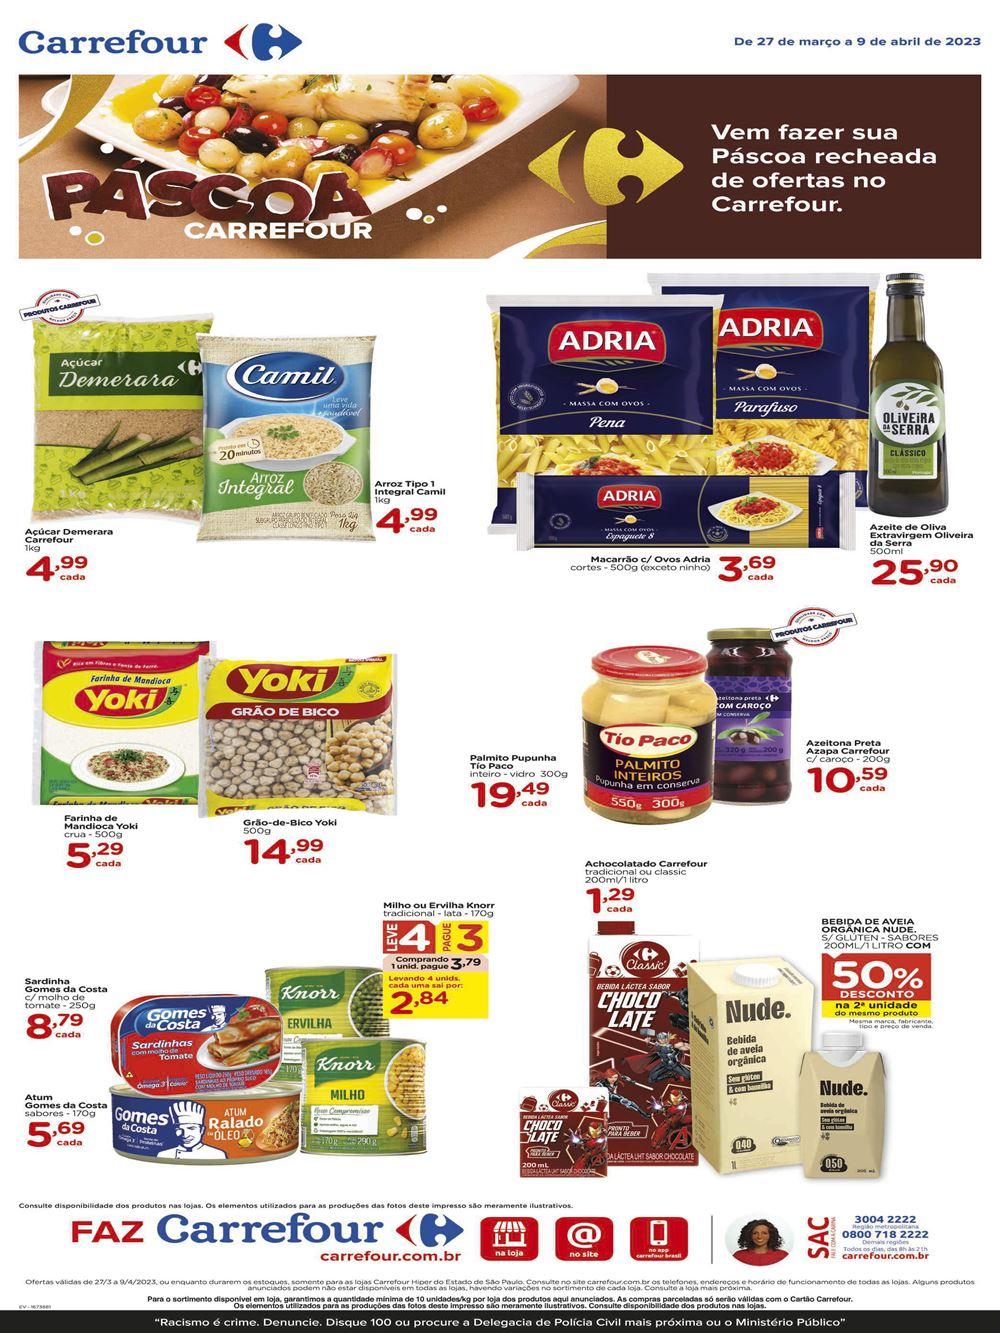 carrefour-ofertas-descontos-hoje8-17 Carrefour até 08/08